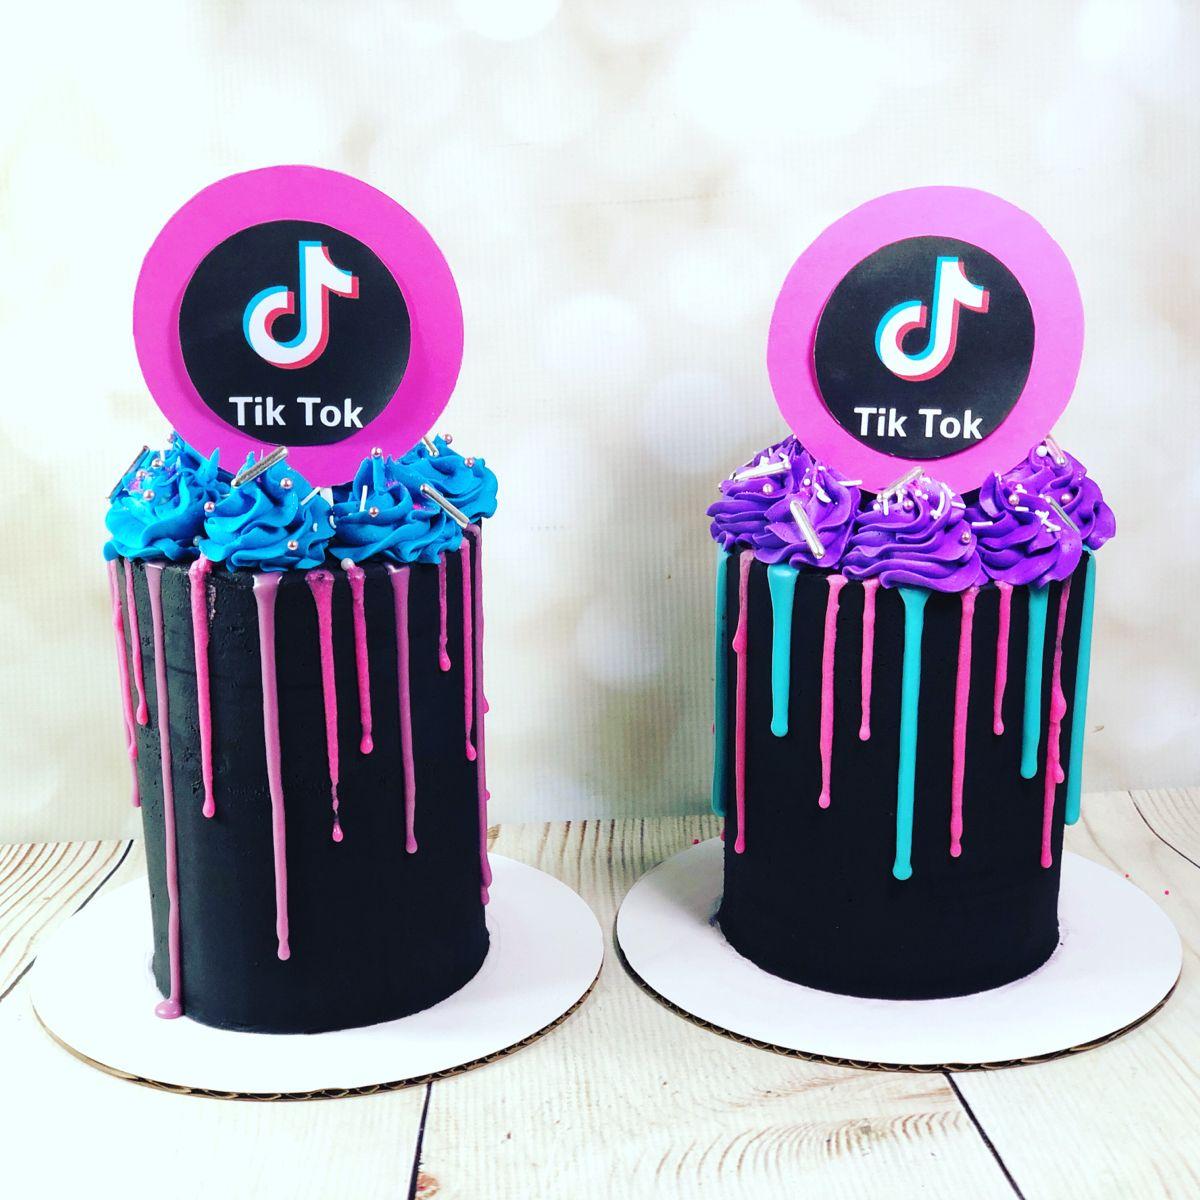 Twin 4 Tall Tiktok Cakes Birthday Cakes For Teens 13th Birthday Cake For Girls Cute Birthday Cakes